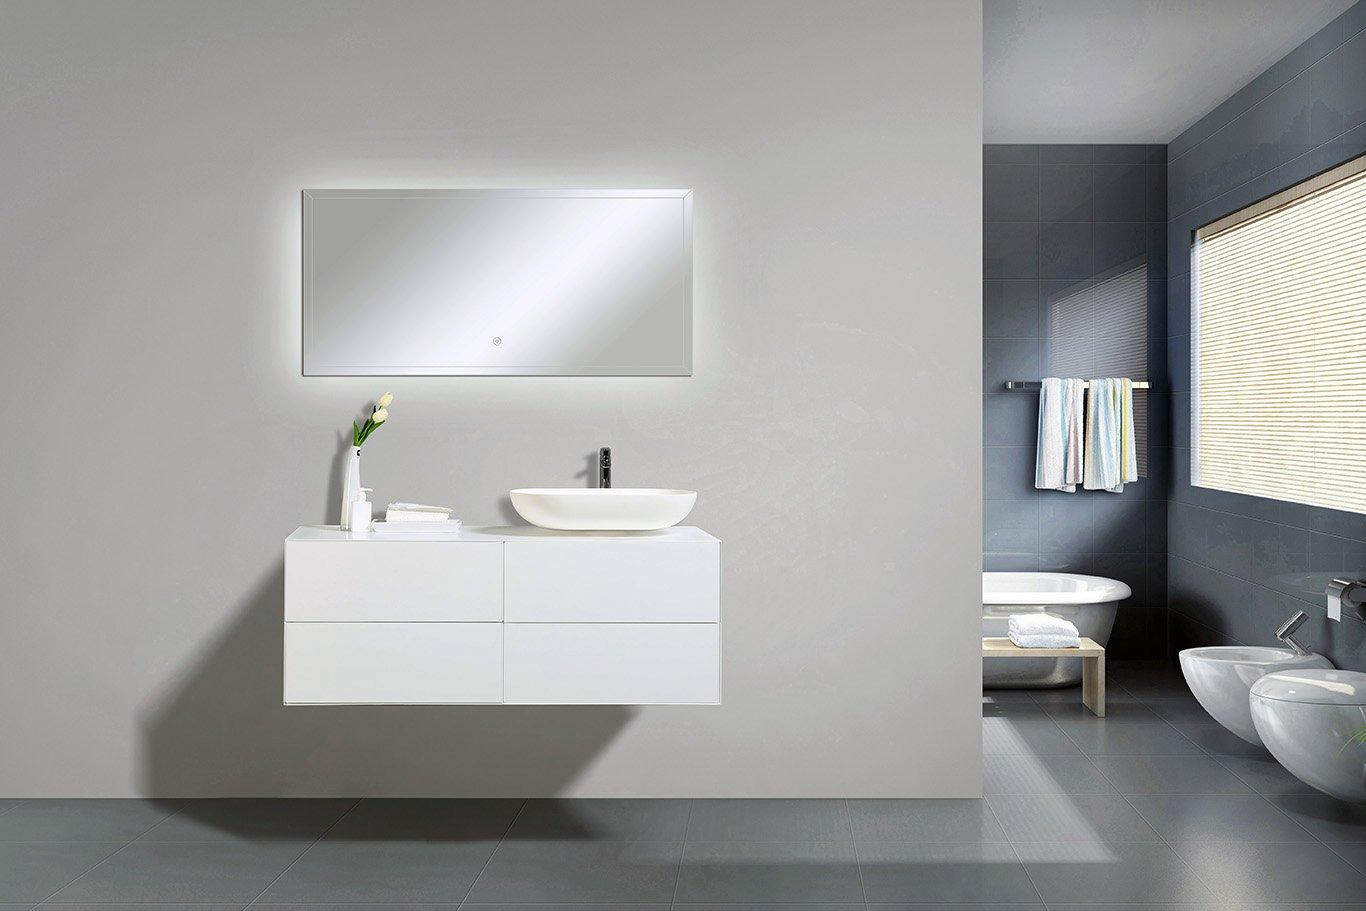 Badmöbel Milou 1200 Weiß matt - Spiegel und Aufsatzwaschbecken optional